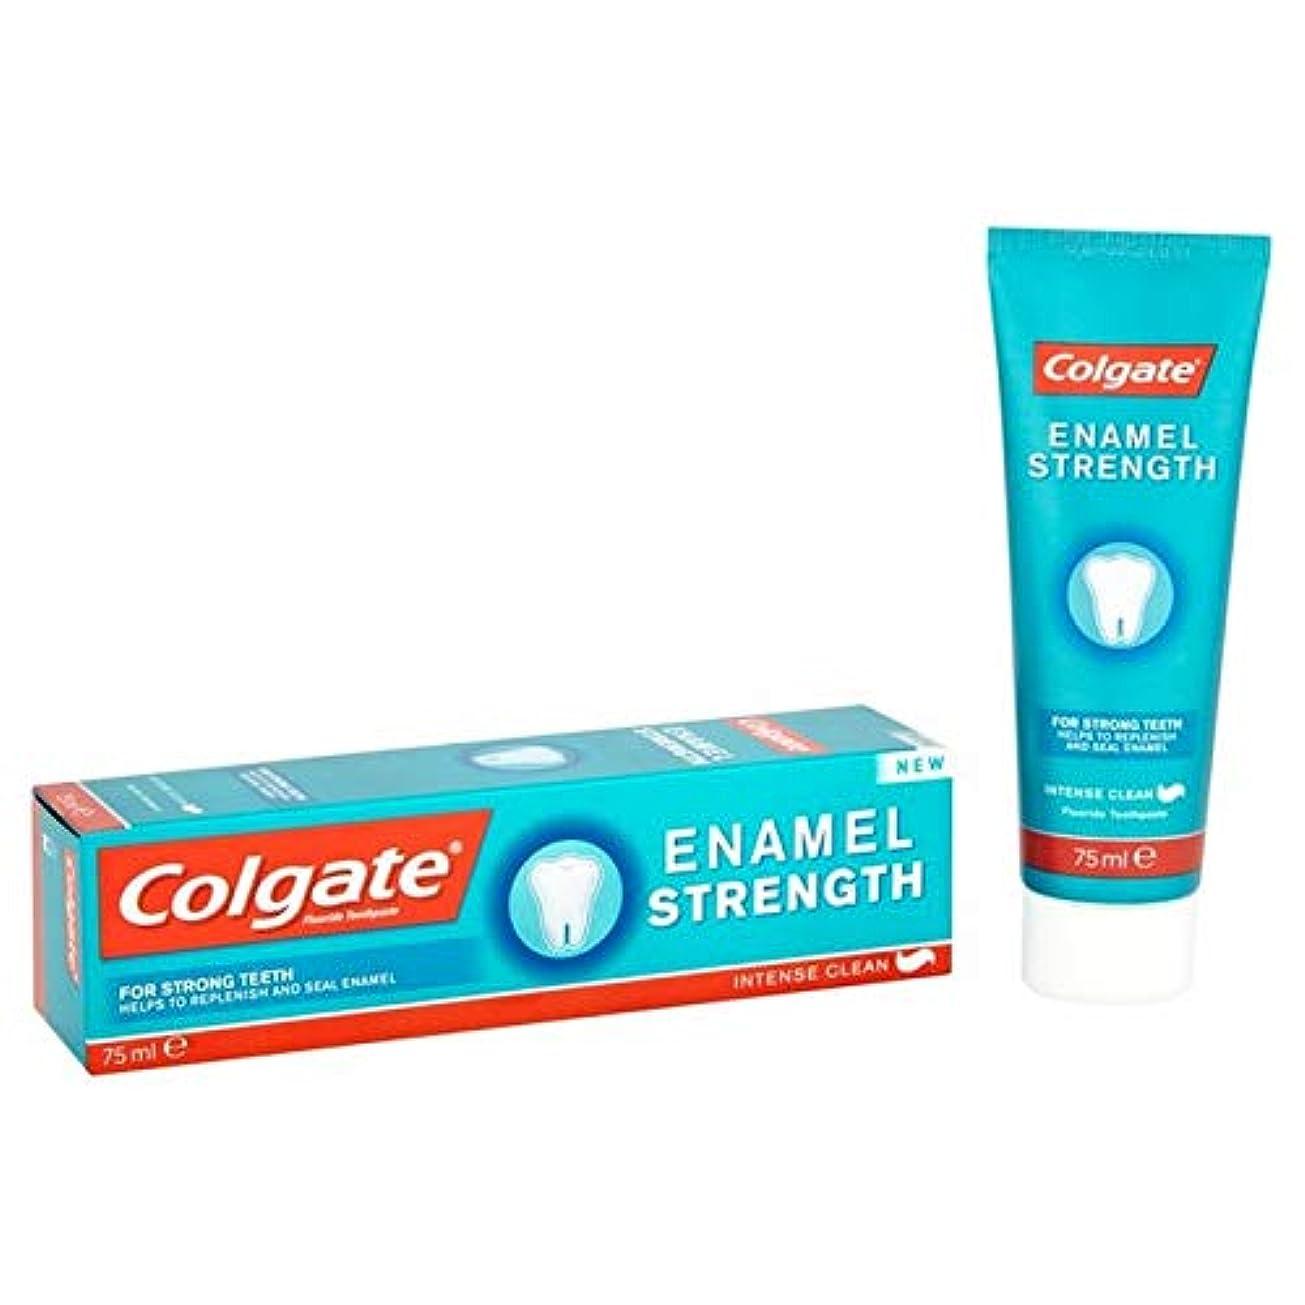 反対より多い泣き叫ぶ[Colgate ] コルゲートエナメル強度歯磨き粉75ミリリットル - Colgate Enamel Strength Toothpaste 75ml [並行輸入品]